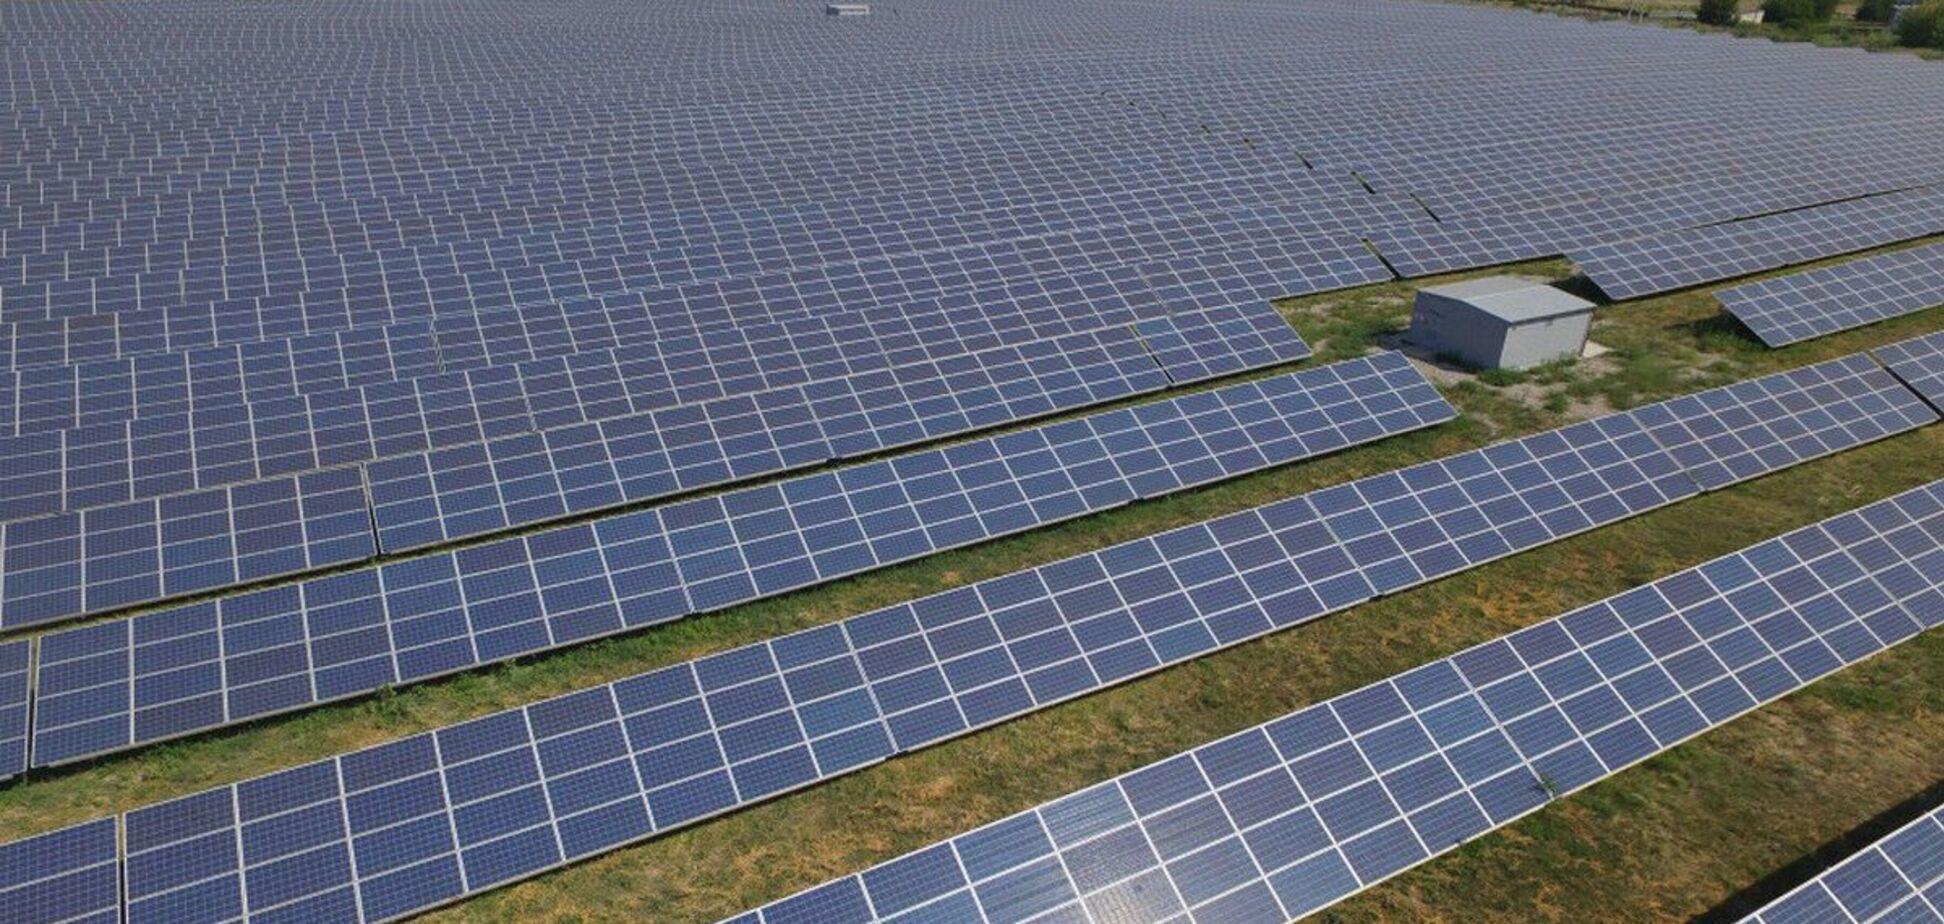 Бізнес-спільнота ВДЕ просить Кабмін поліпшити ситуацію з оплатами за 'зелену' електроенергію